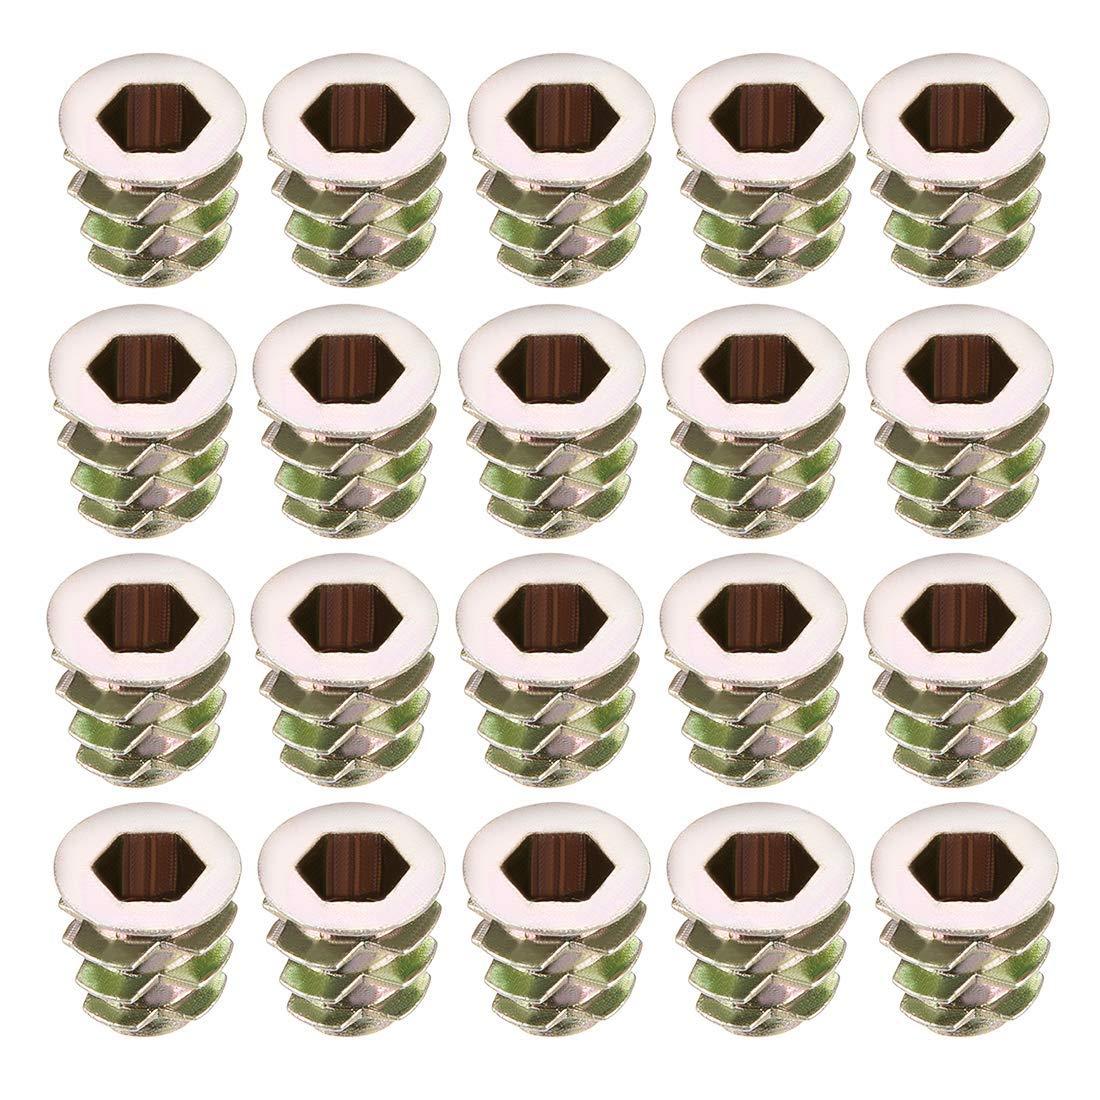 20pcs M5x10mm Threaded Insert Nuts Zinc Alloy Hexagonal M5 Internal Threads 10mm Length